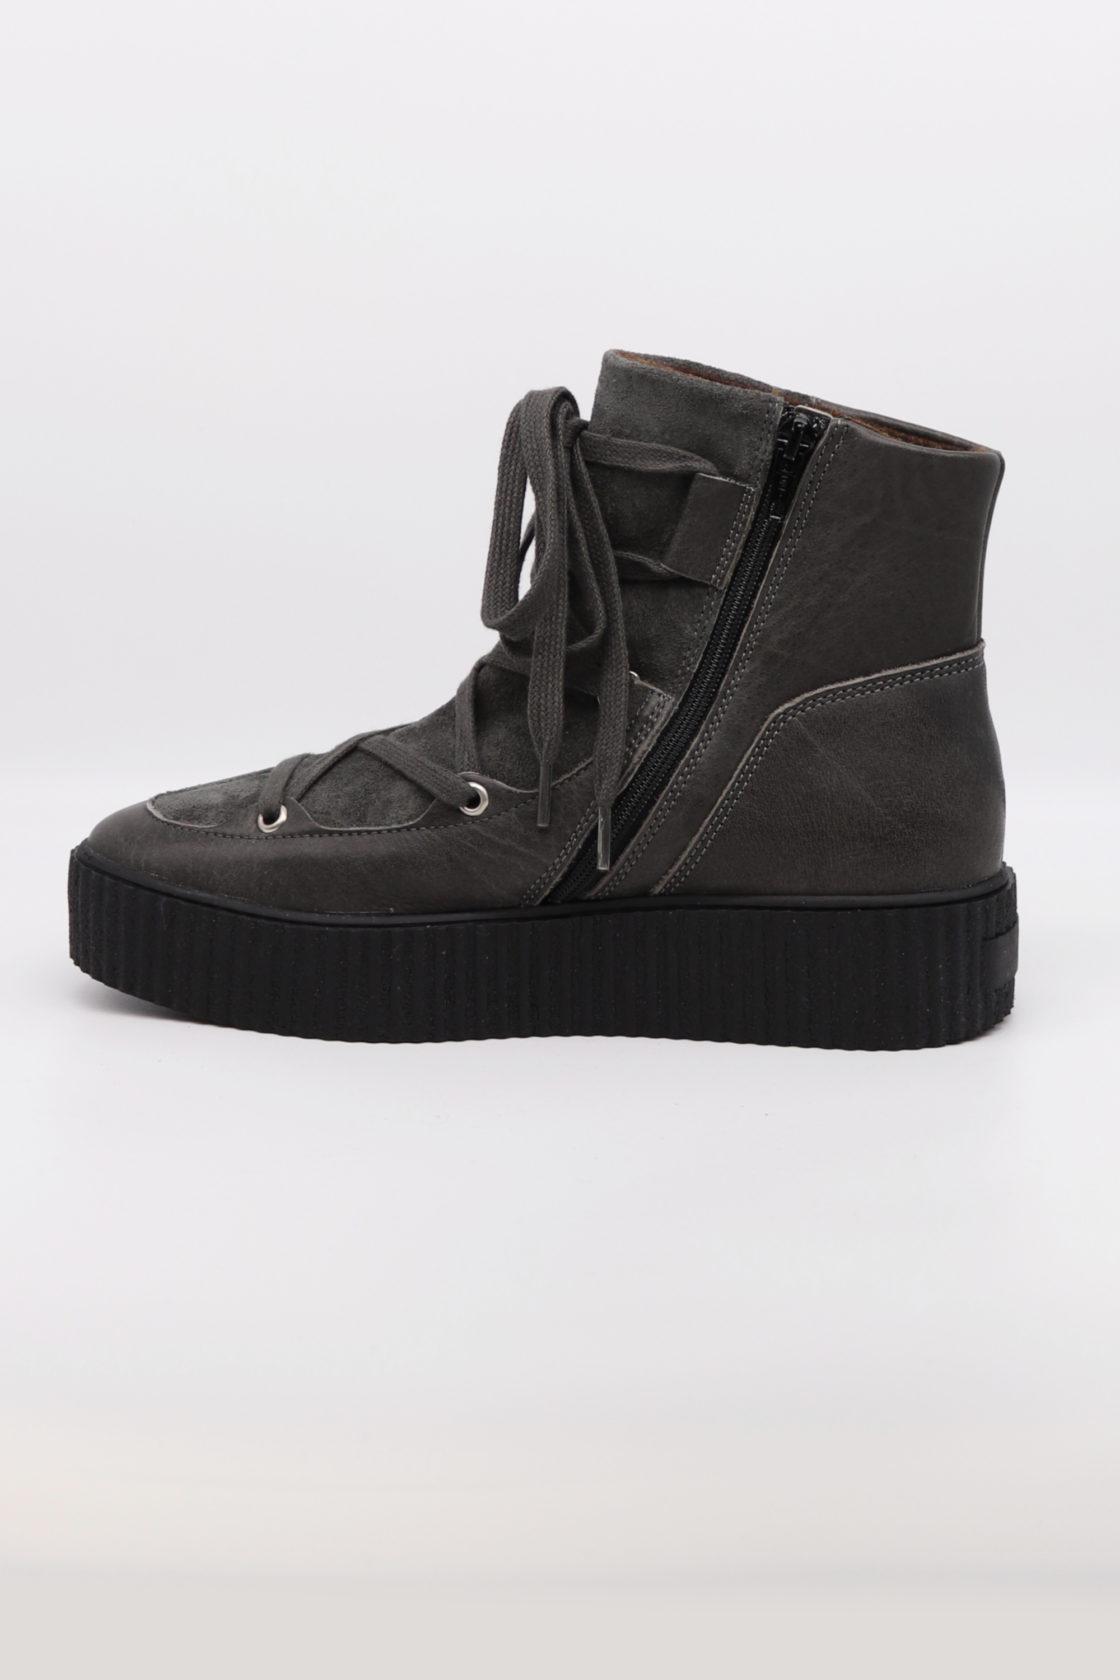 Roberta Organic Fashion Werner Boots Inuki Grey